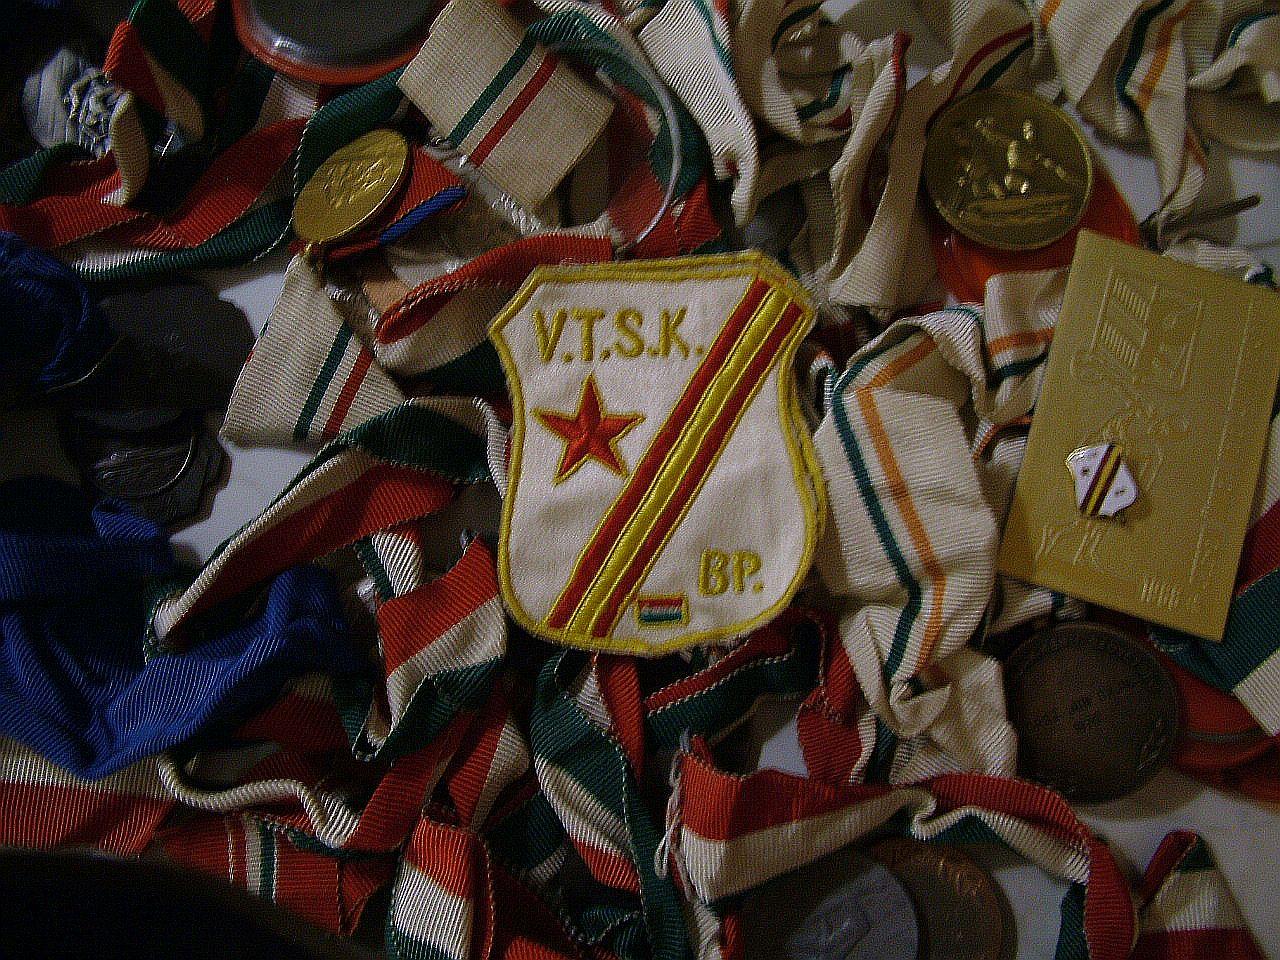 vtsk_1.jpg